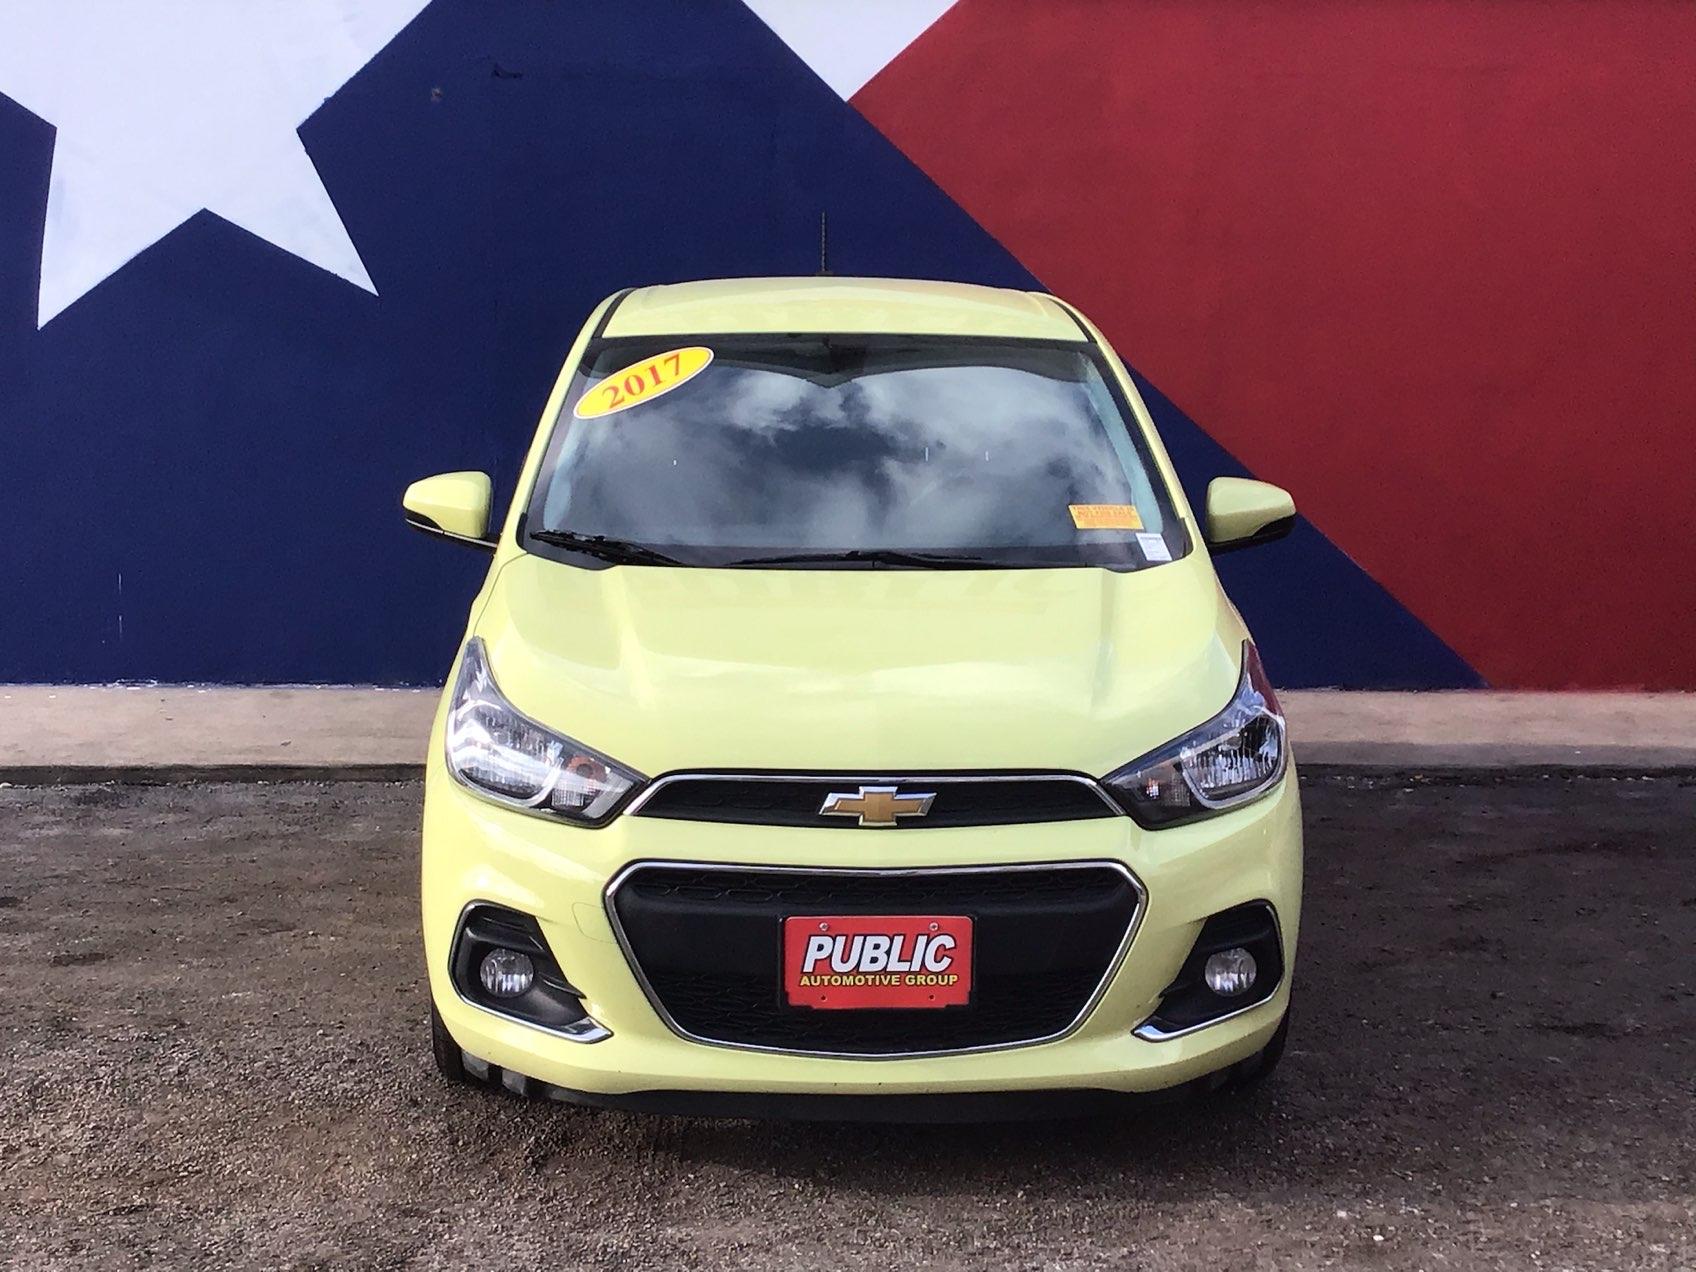 used vehicle - Sedan CHEVROLET SPARK 2017